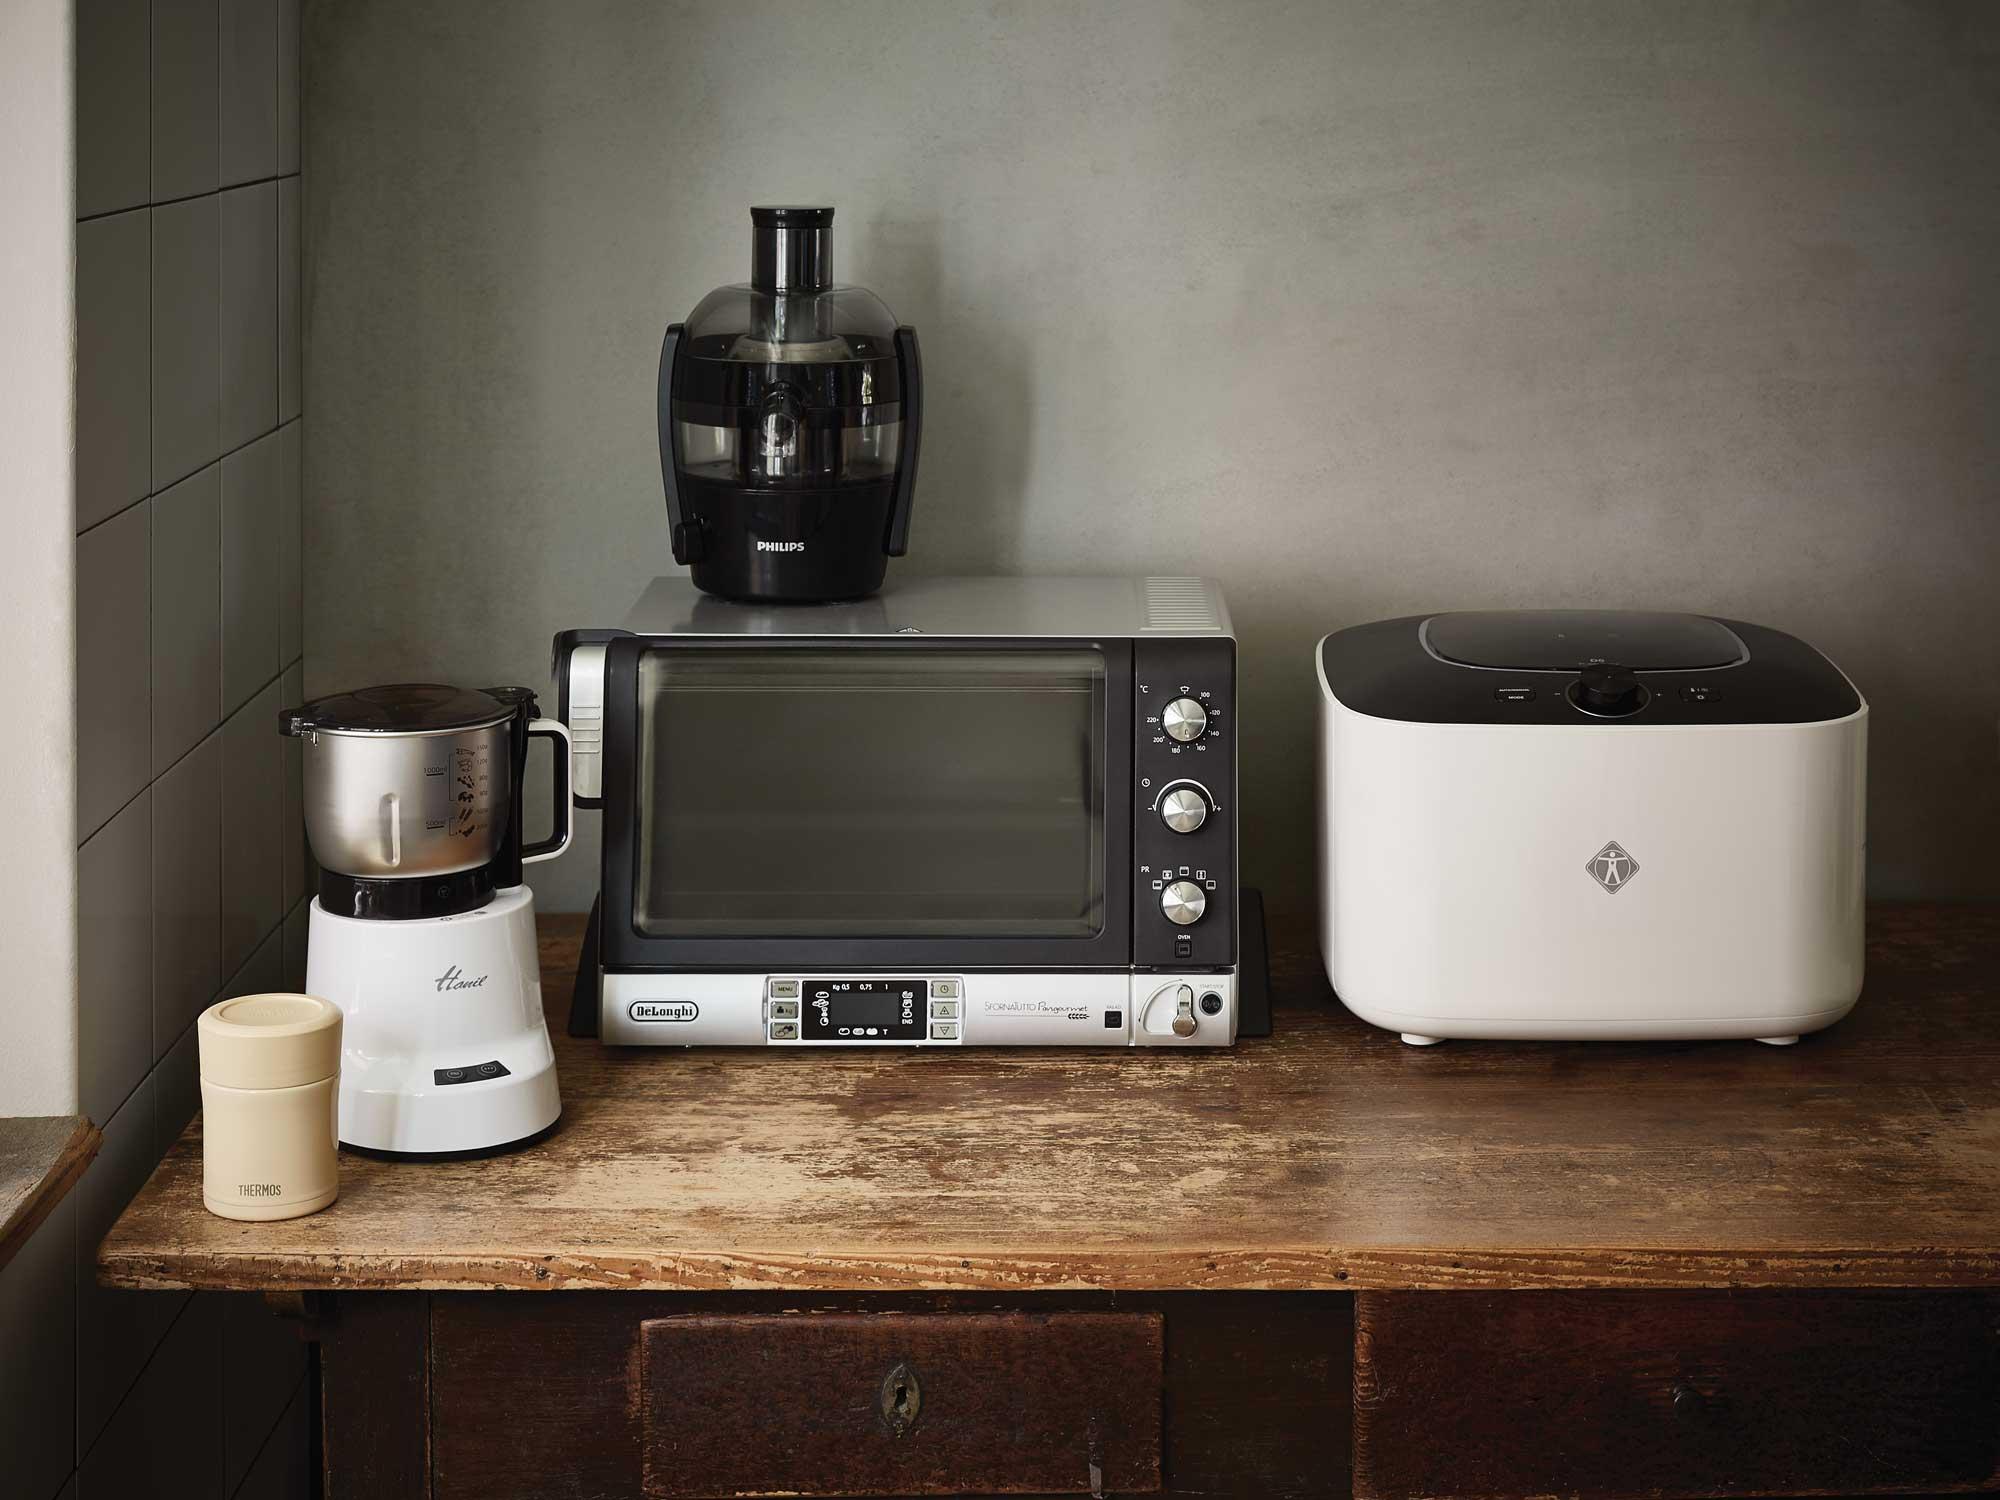 왼쪽부터 죽 메이커, 조미료 분쇄기, 착즙기, 빵고메 오븐, 식품 건조기